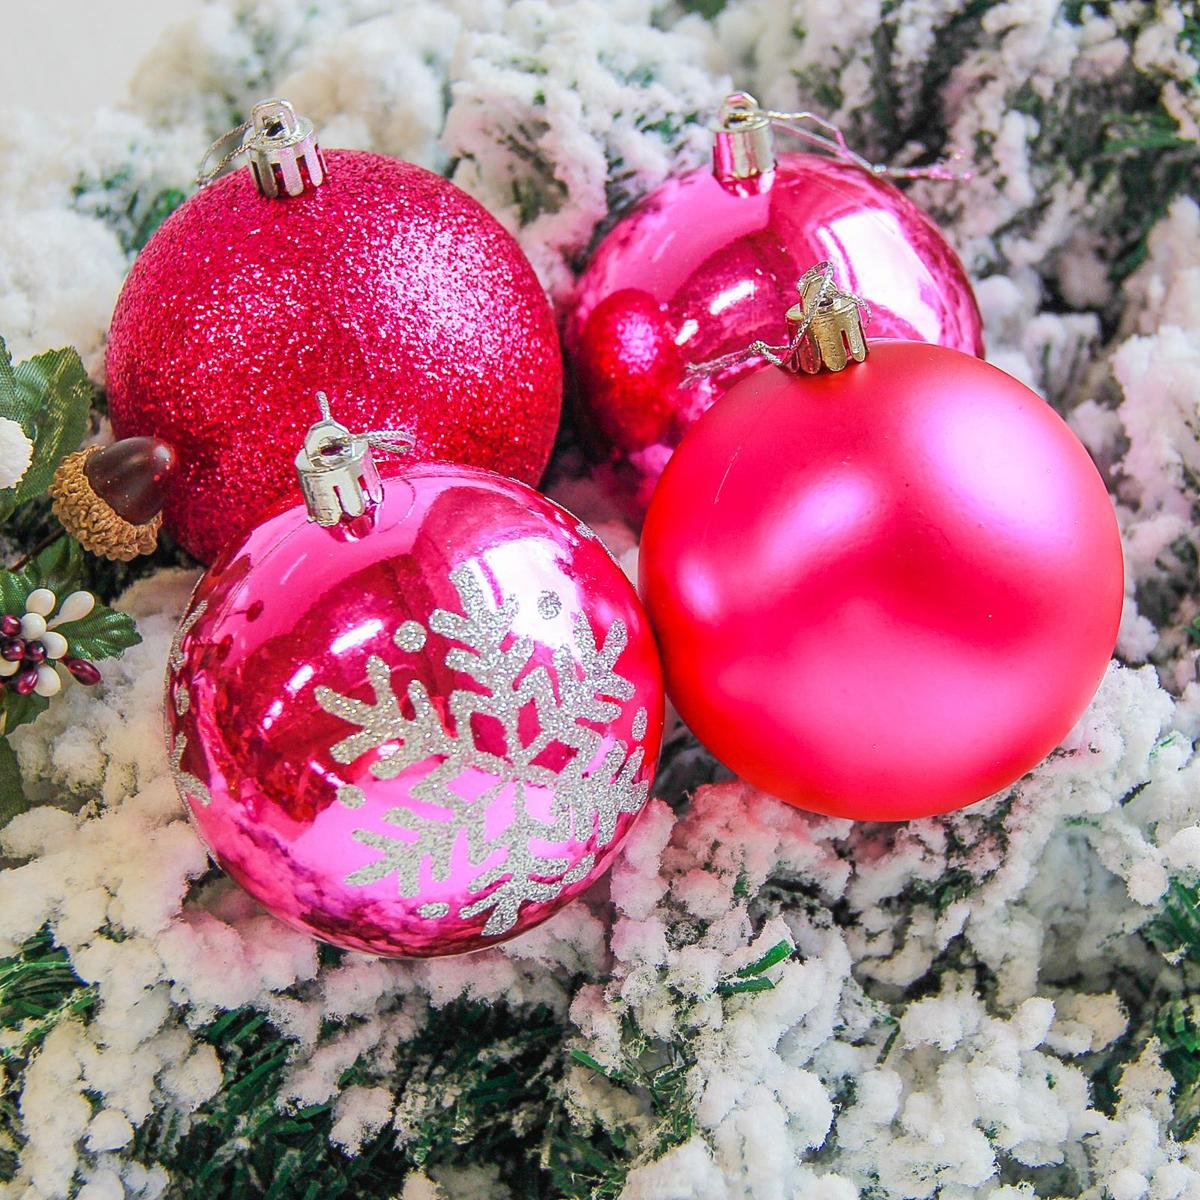 Набор новогодних подвесных украшений Sima-land Снежинка, цвет: розовый, диаметр 8 см, 6 шт. 2178279 свеча ароматизированная sima land лимон на подставке высота 6 см